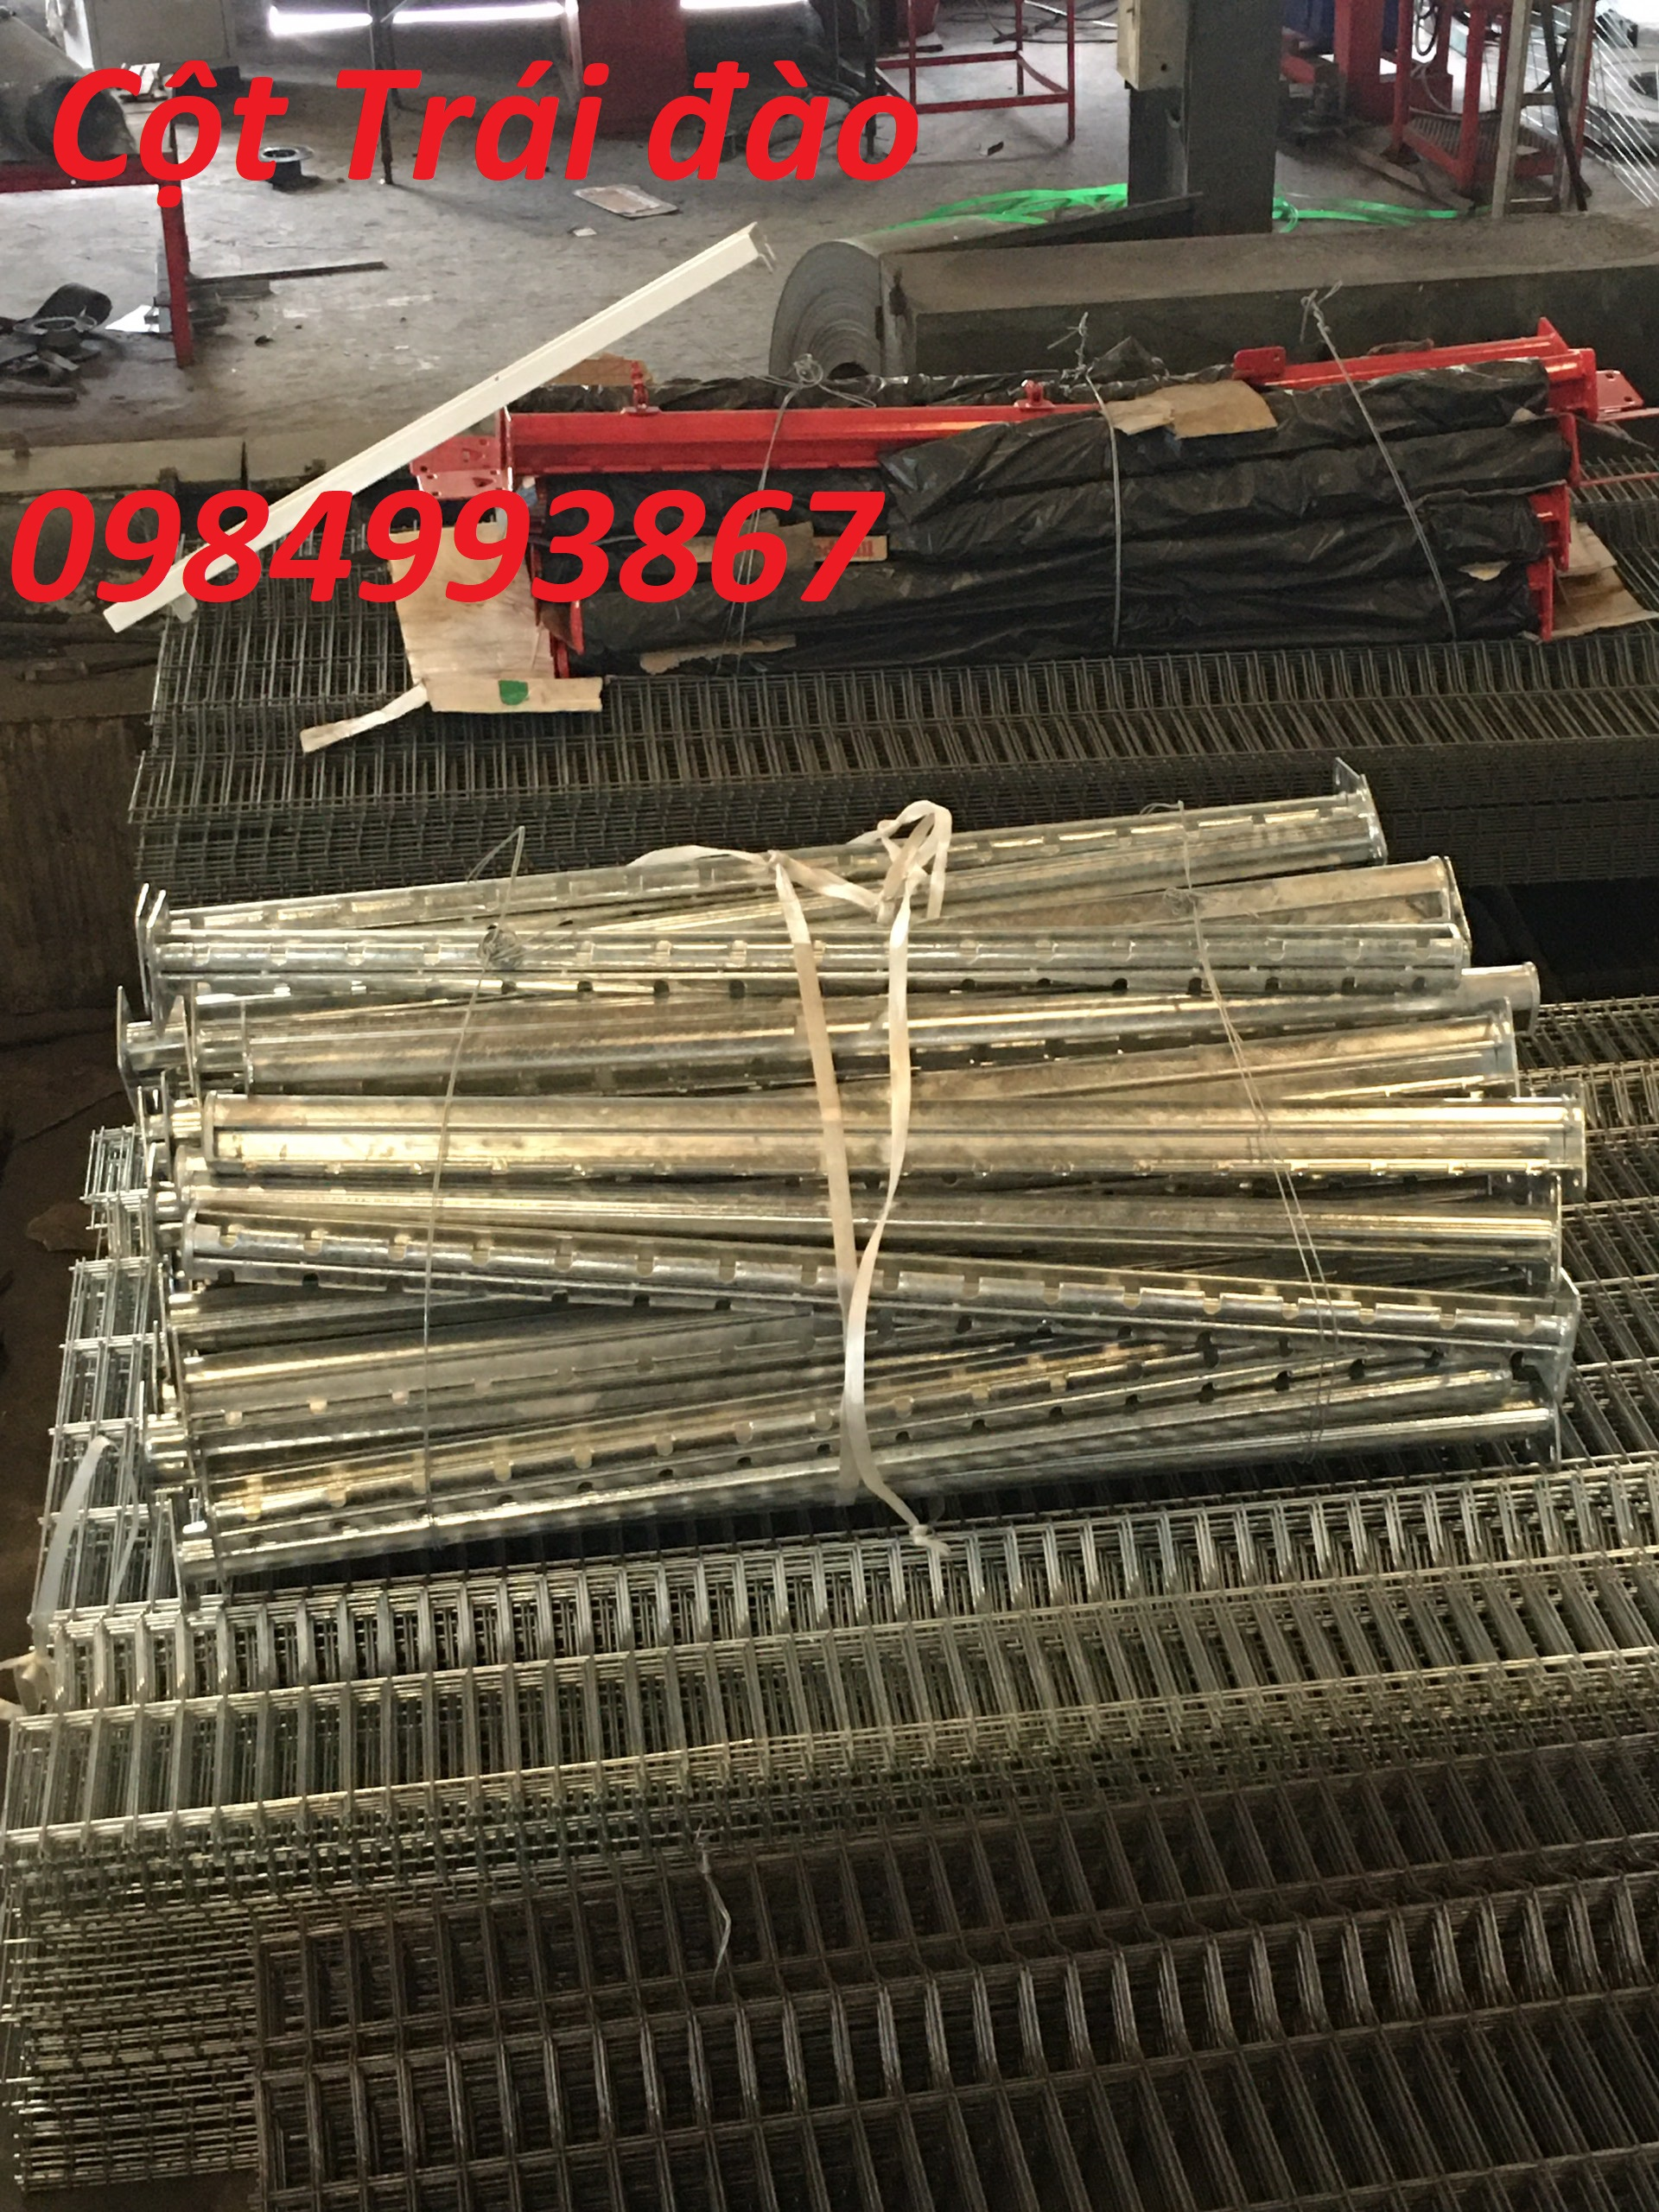 Lưới thép hàng rào Cột trái đào giao hàng trên toàn quốc